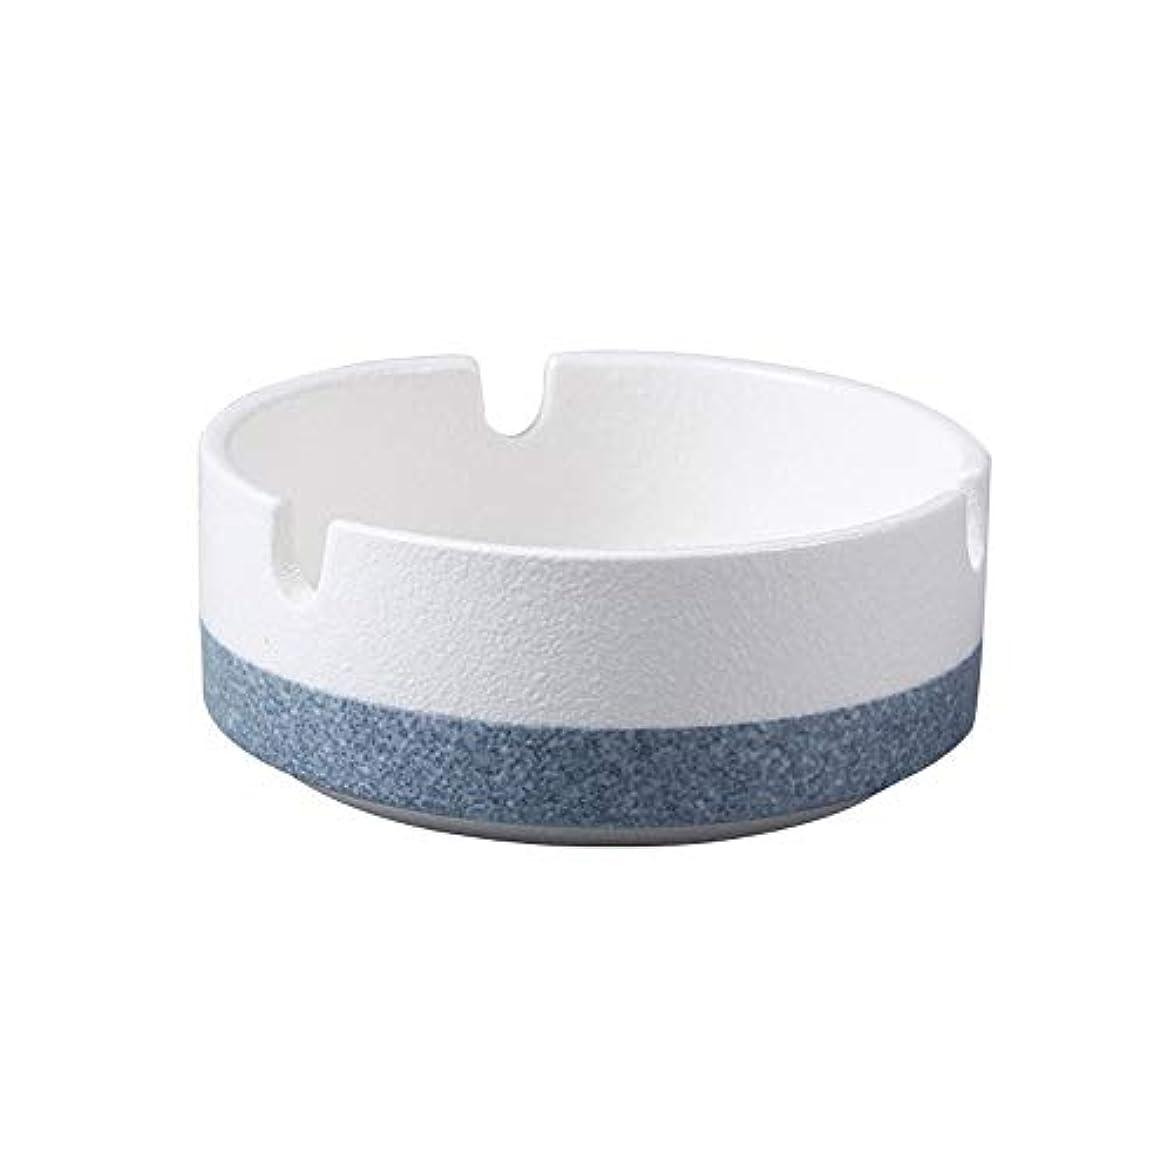 速度普及聴覚たばこ、贈り物、ホームオフィス用の丸い光沢のある灰皿(白)